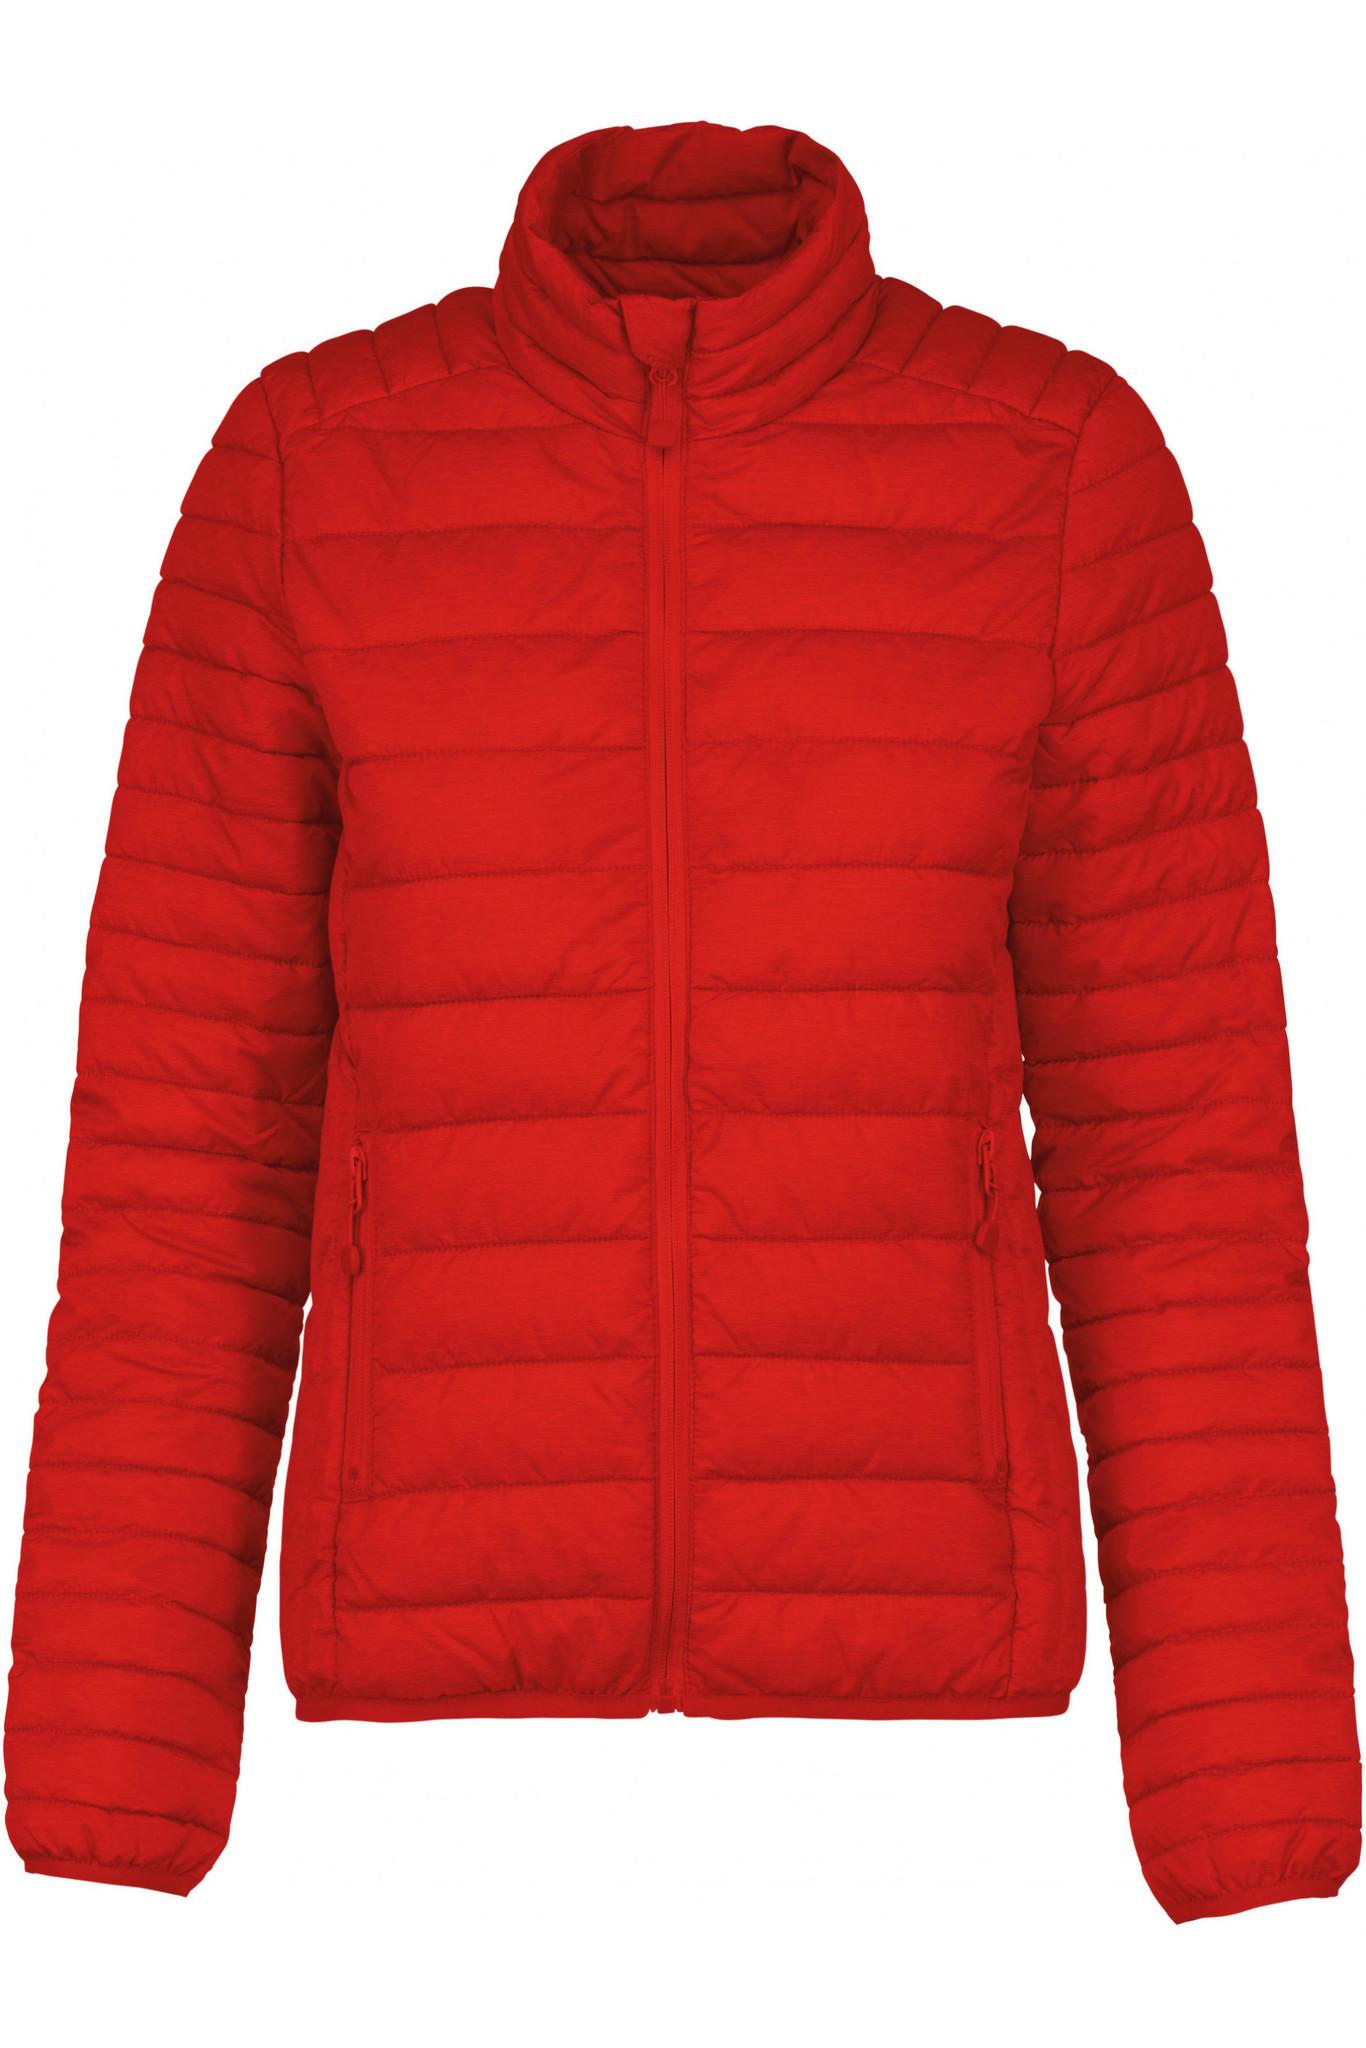 Kariban Kariban lightweight jacket ladies